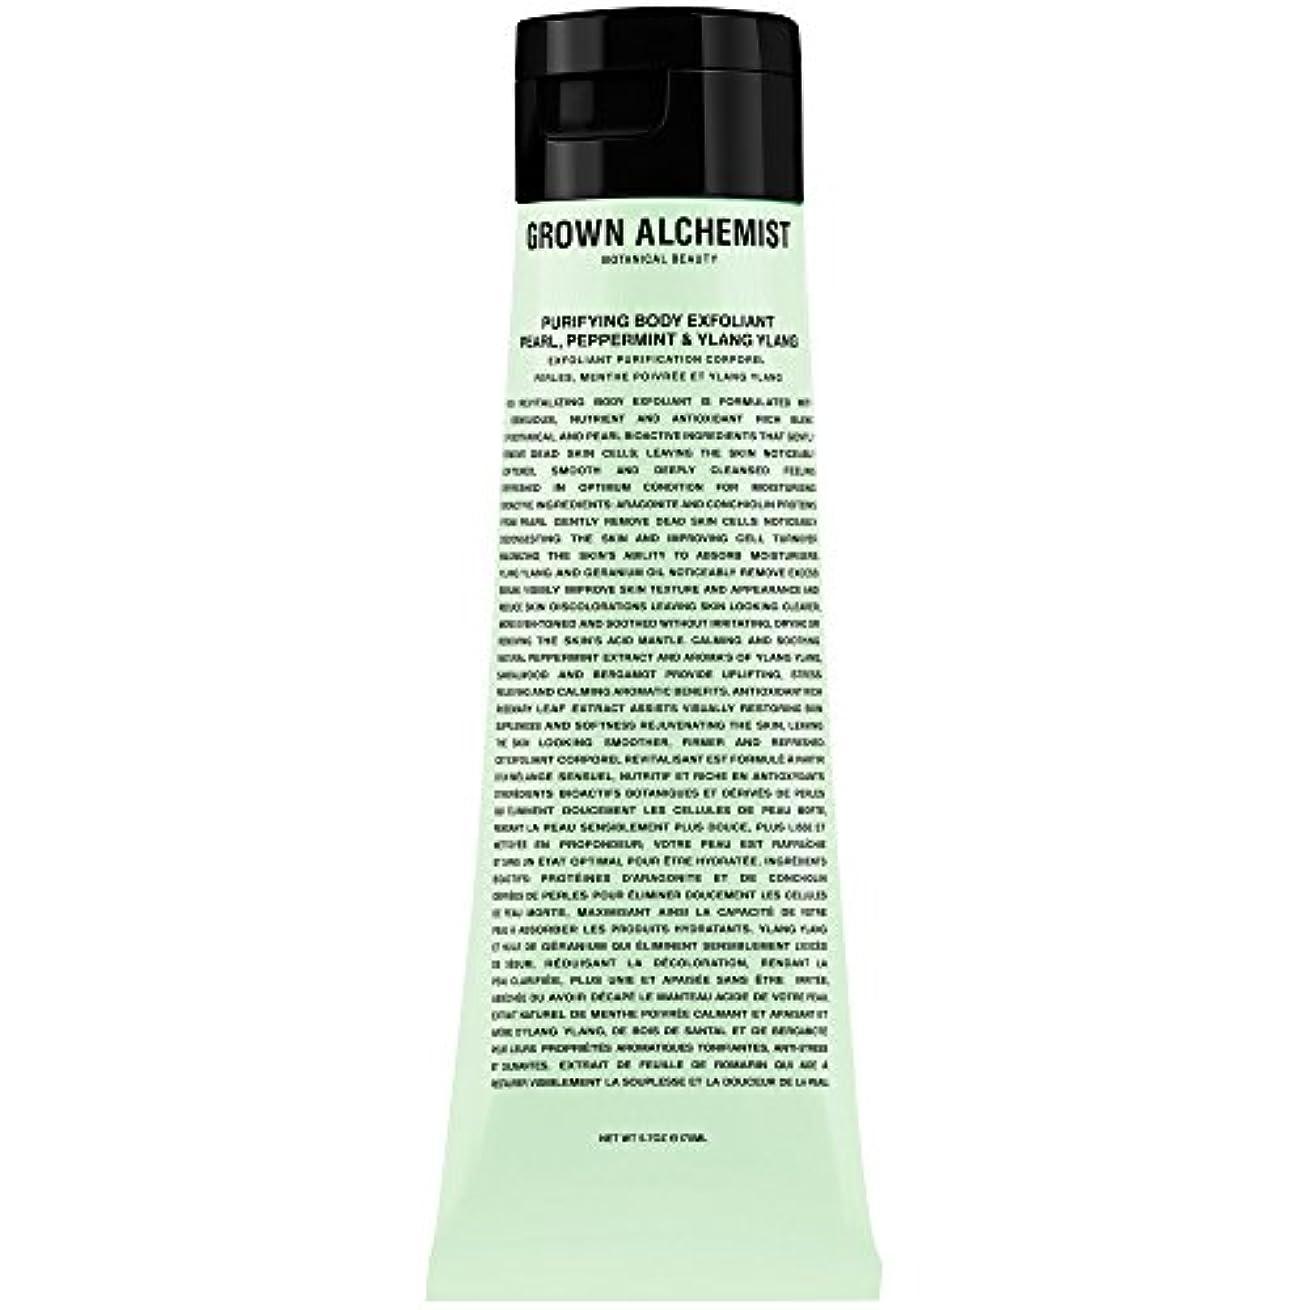 同情裏切り必須成長した錬金術師浄化体剥脱真珠ペパーミント&イランイラン170ミリリットル (Grown Alchemist) - Grown Alchemist Purifying Body Exfoliant Pearl Peppermint...